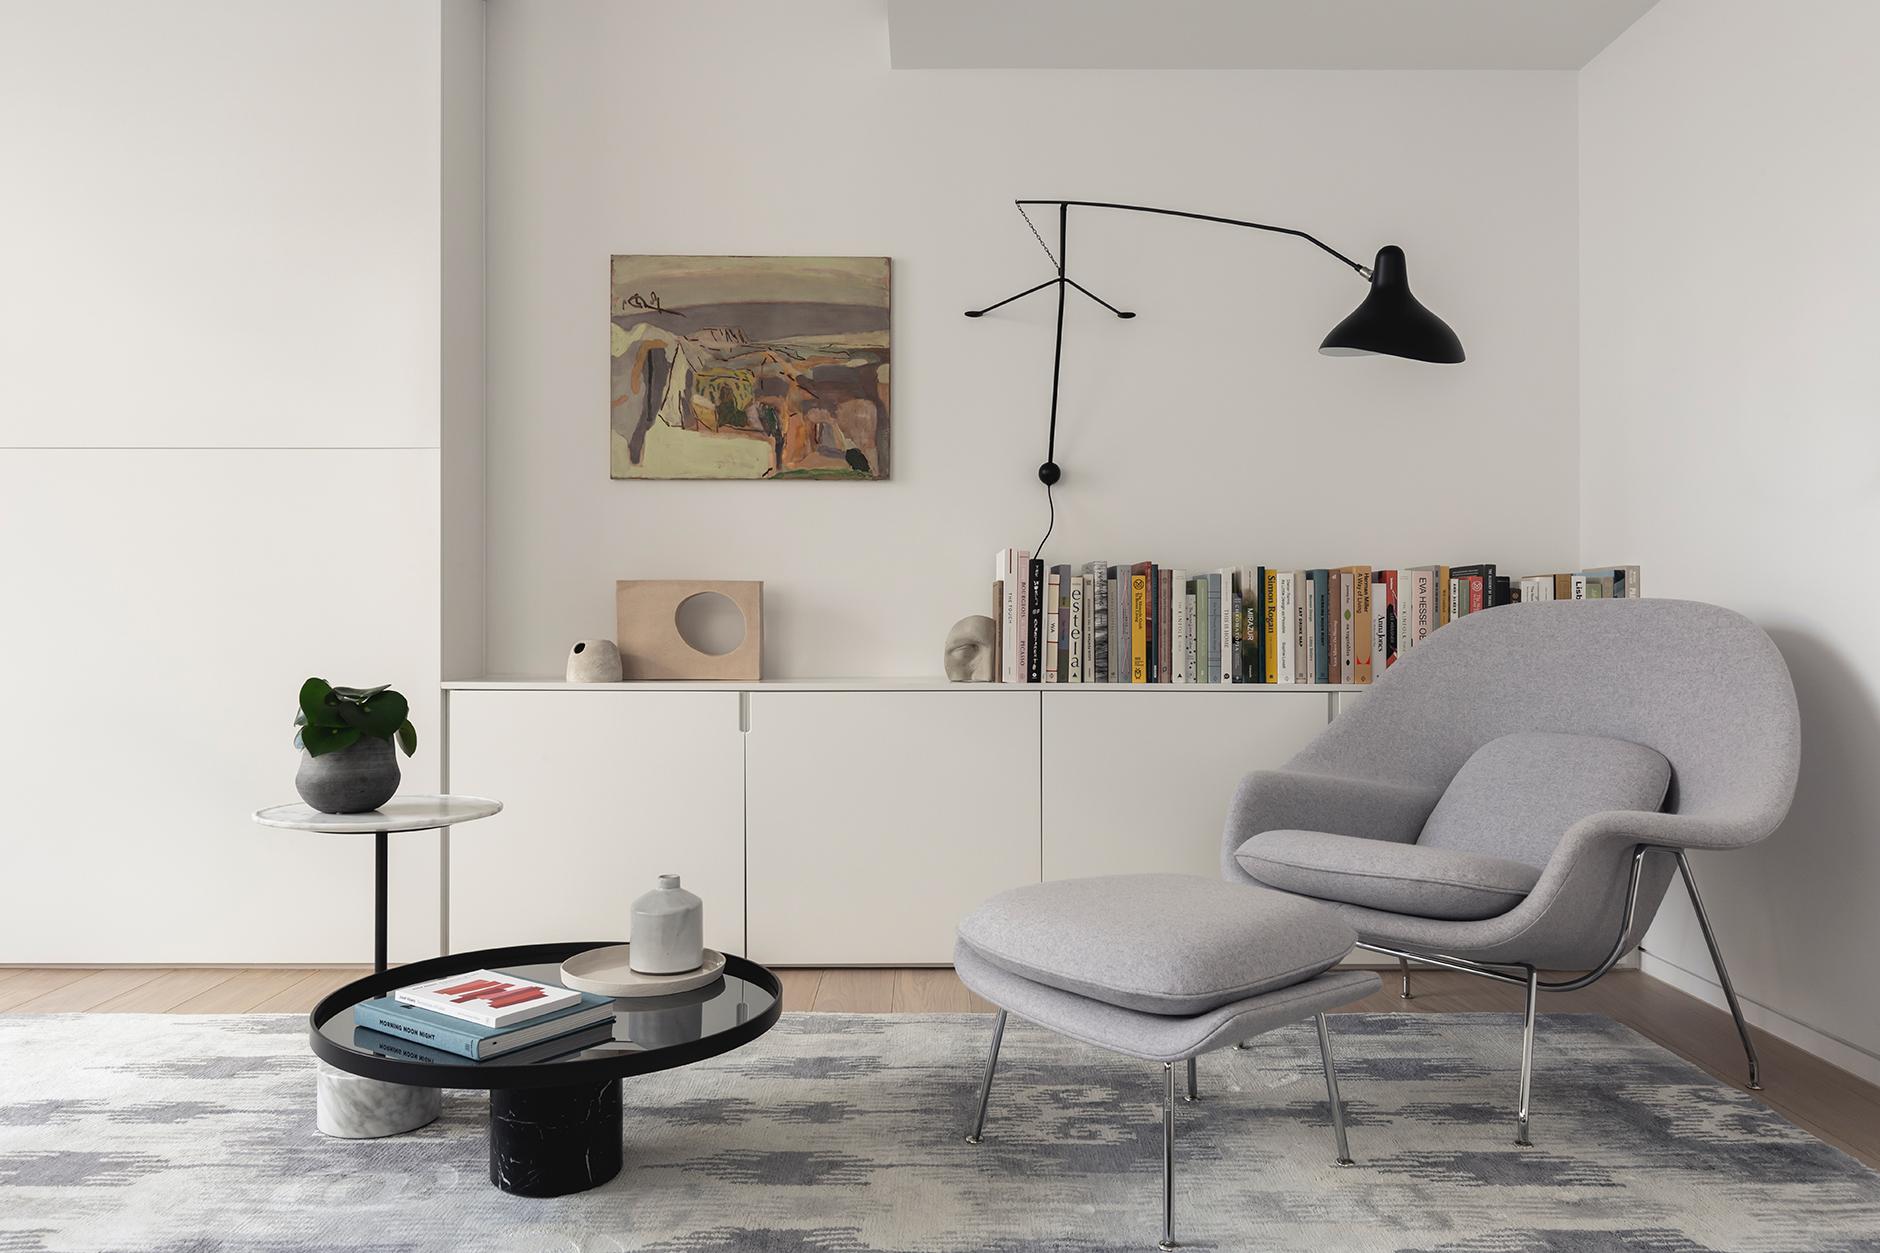 Interior Design Barts Square Hogarth House Living Room